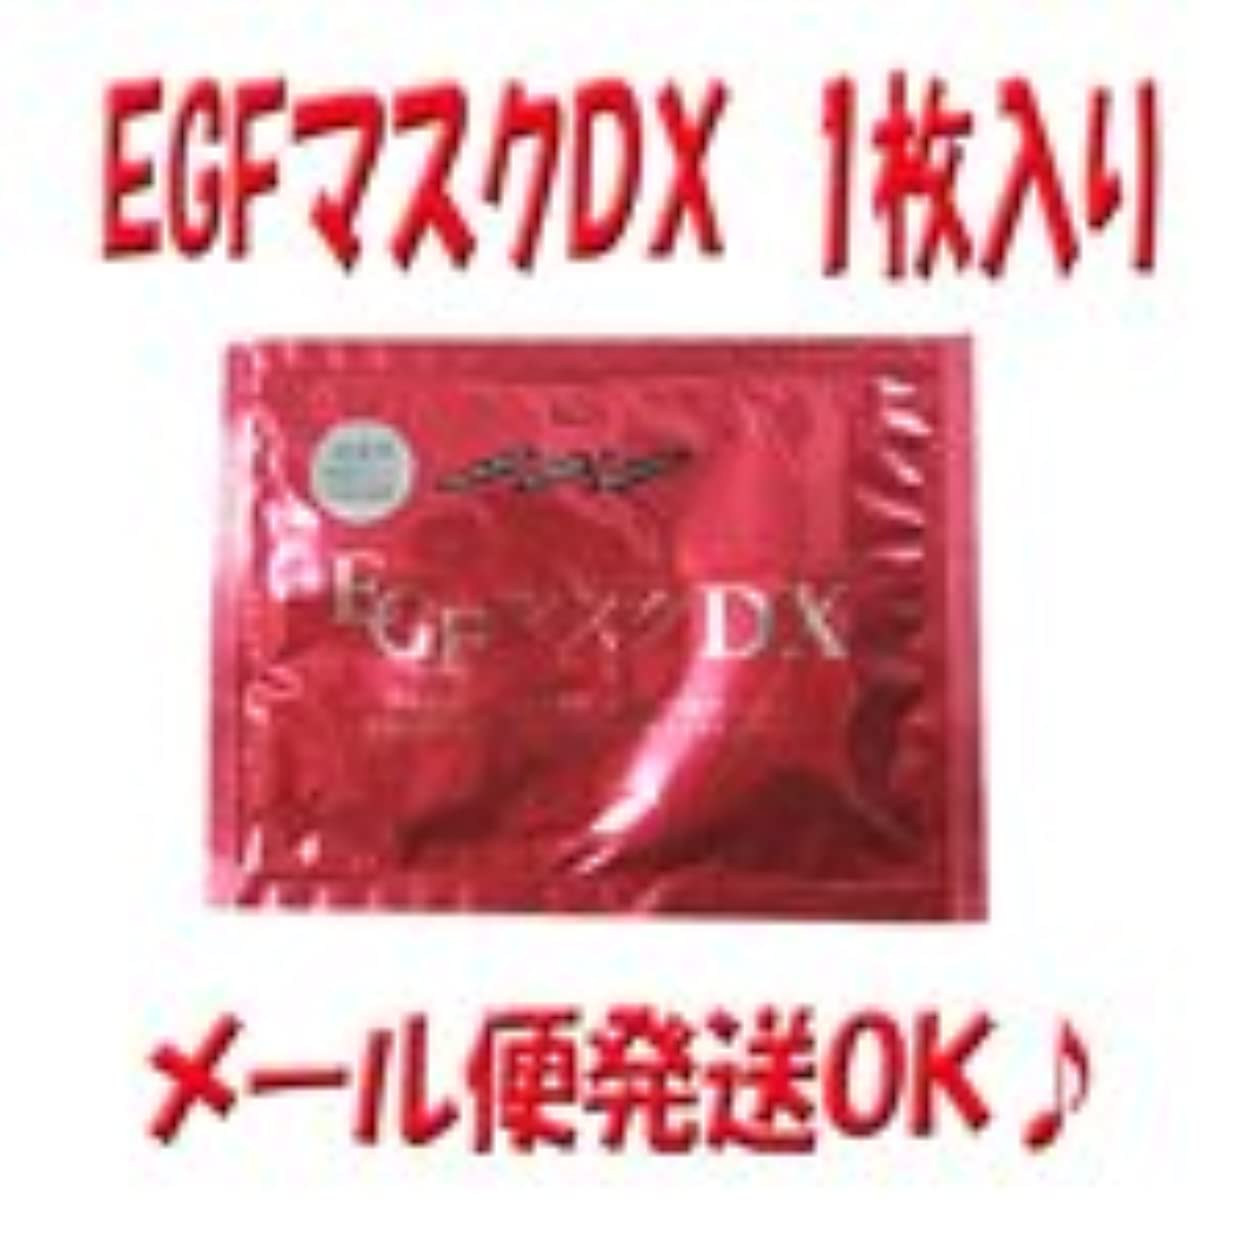 くつろぎ特異性版ジャパンギャルズ 業務用 EGFマスクDX 1枚入